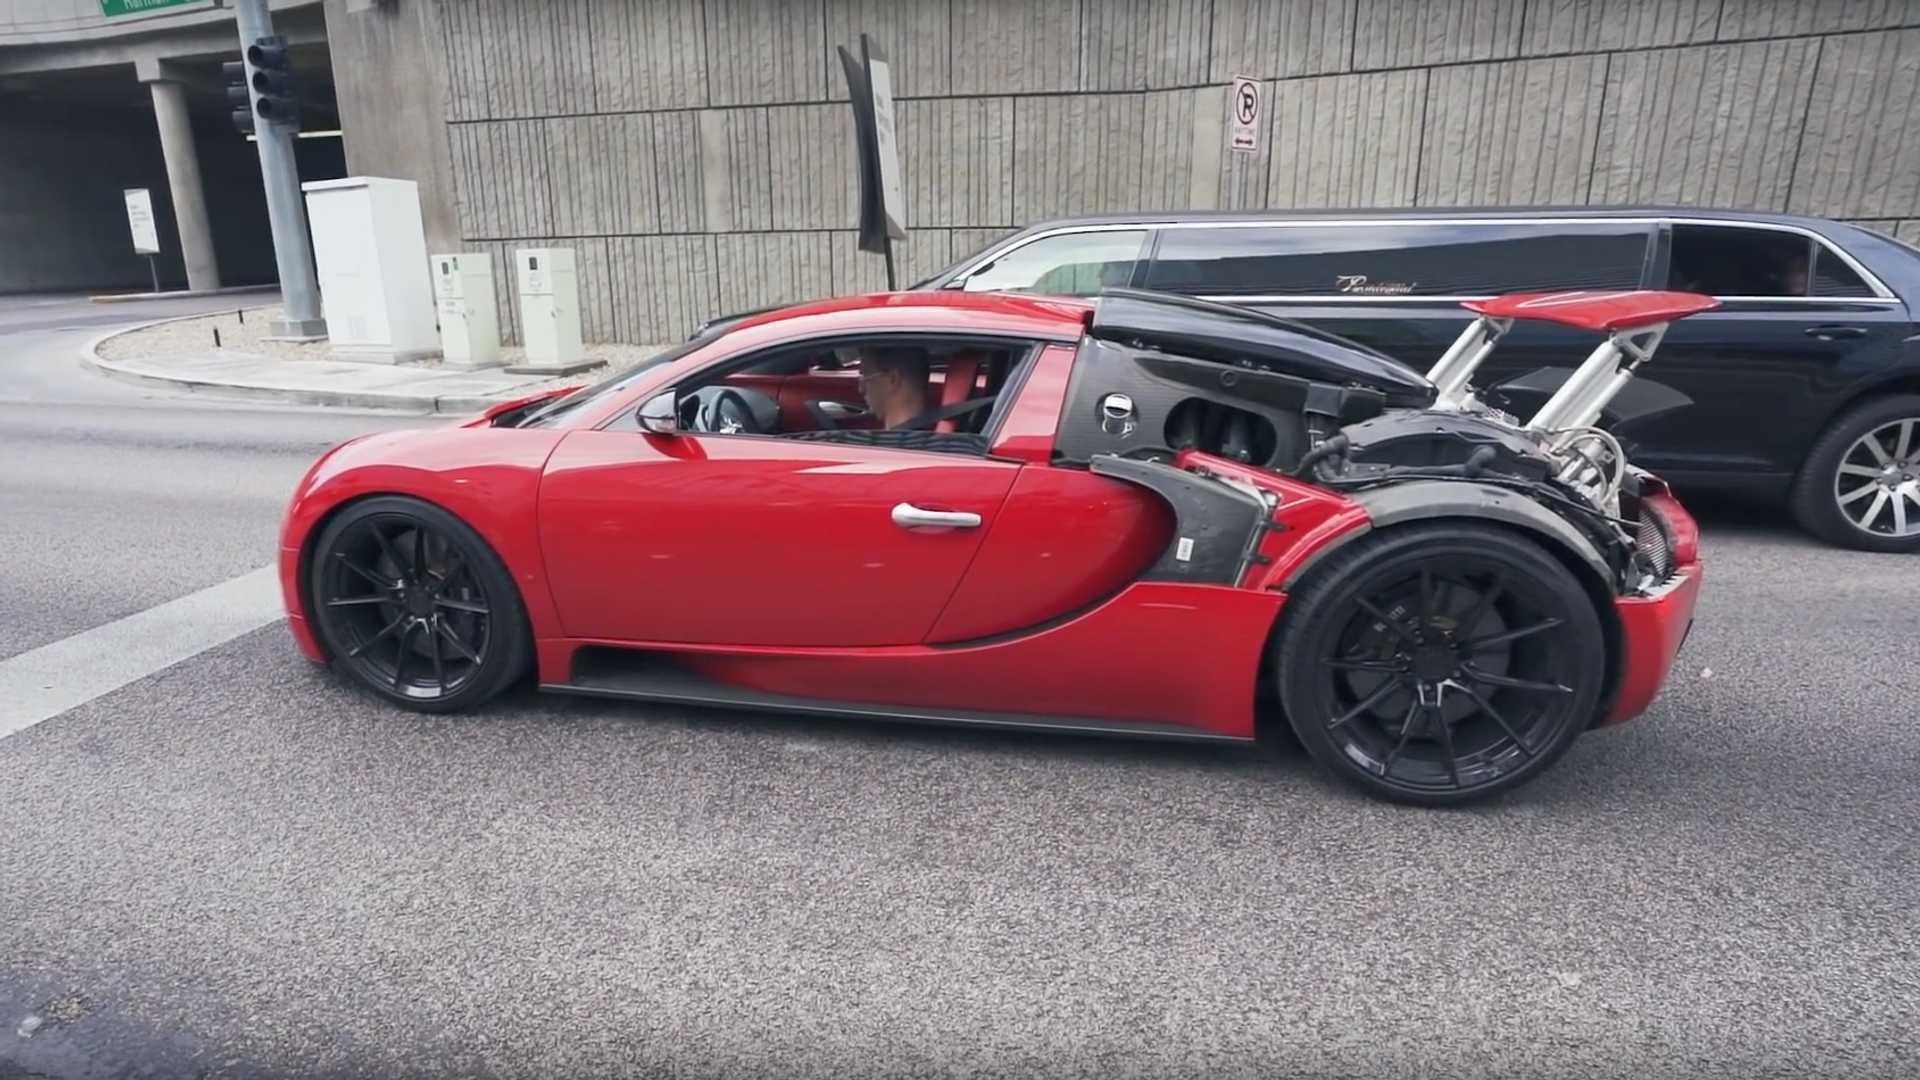 Videó: A hátsó panel nélkül parolázik egy Bugatti Veyron Amerikában